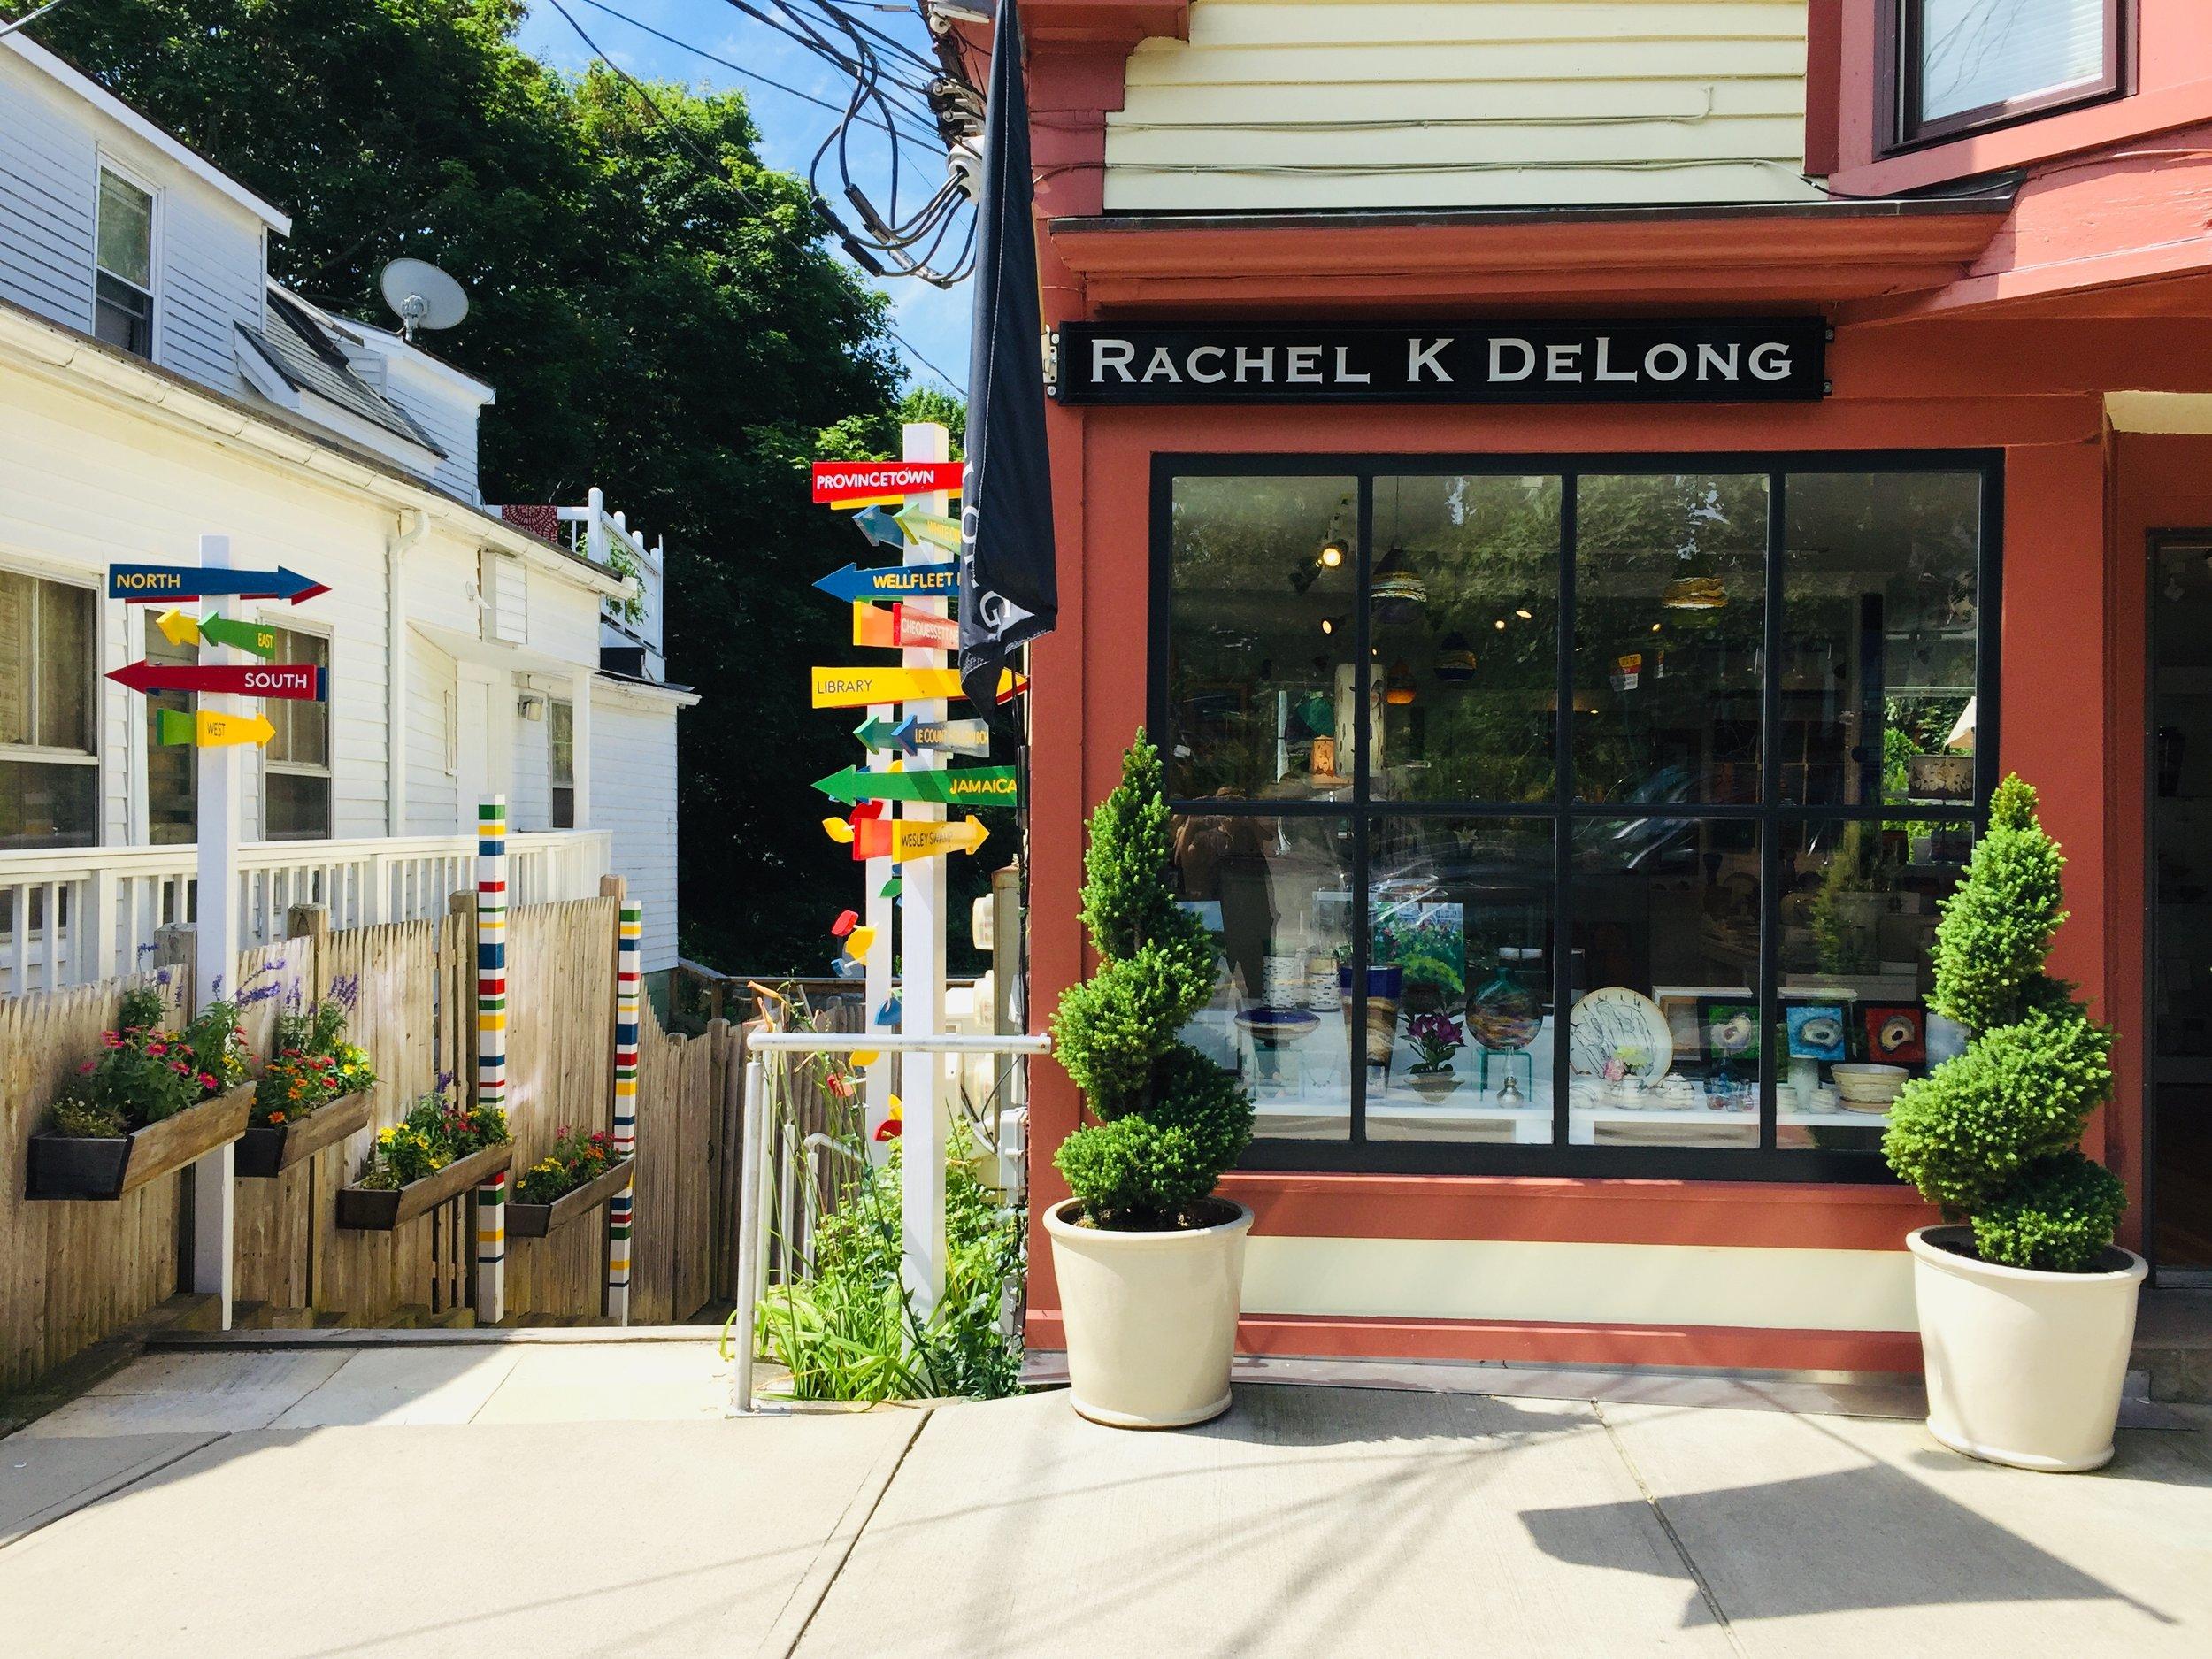 Rachel K DeLong Wellfleet